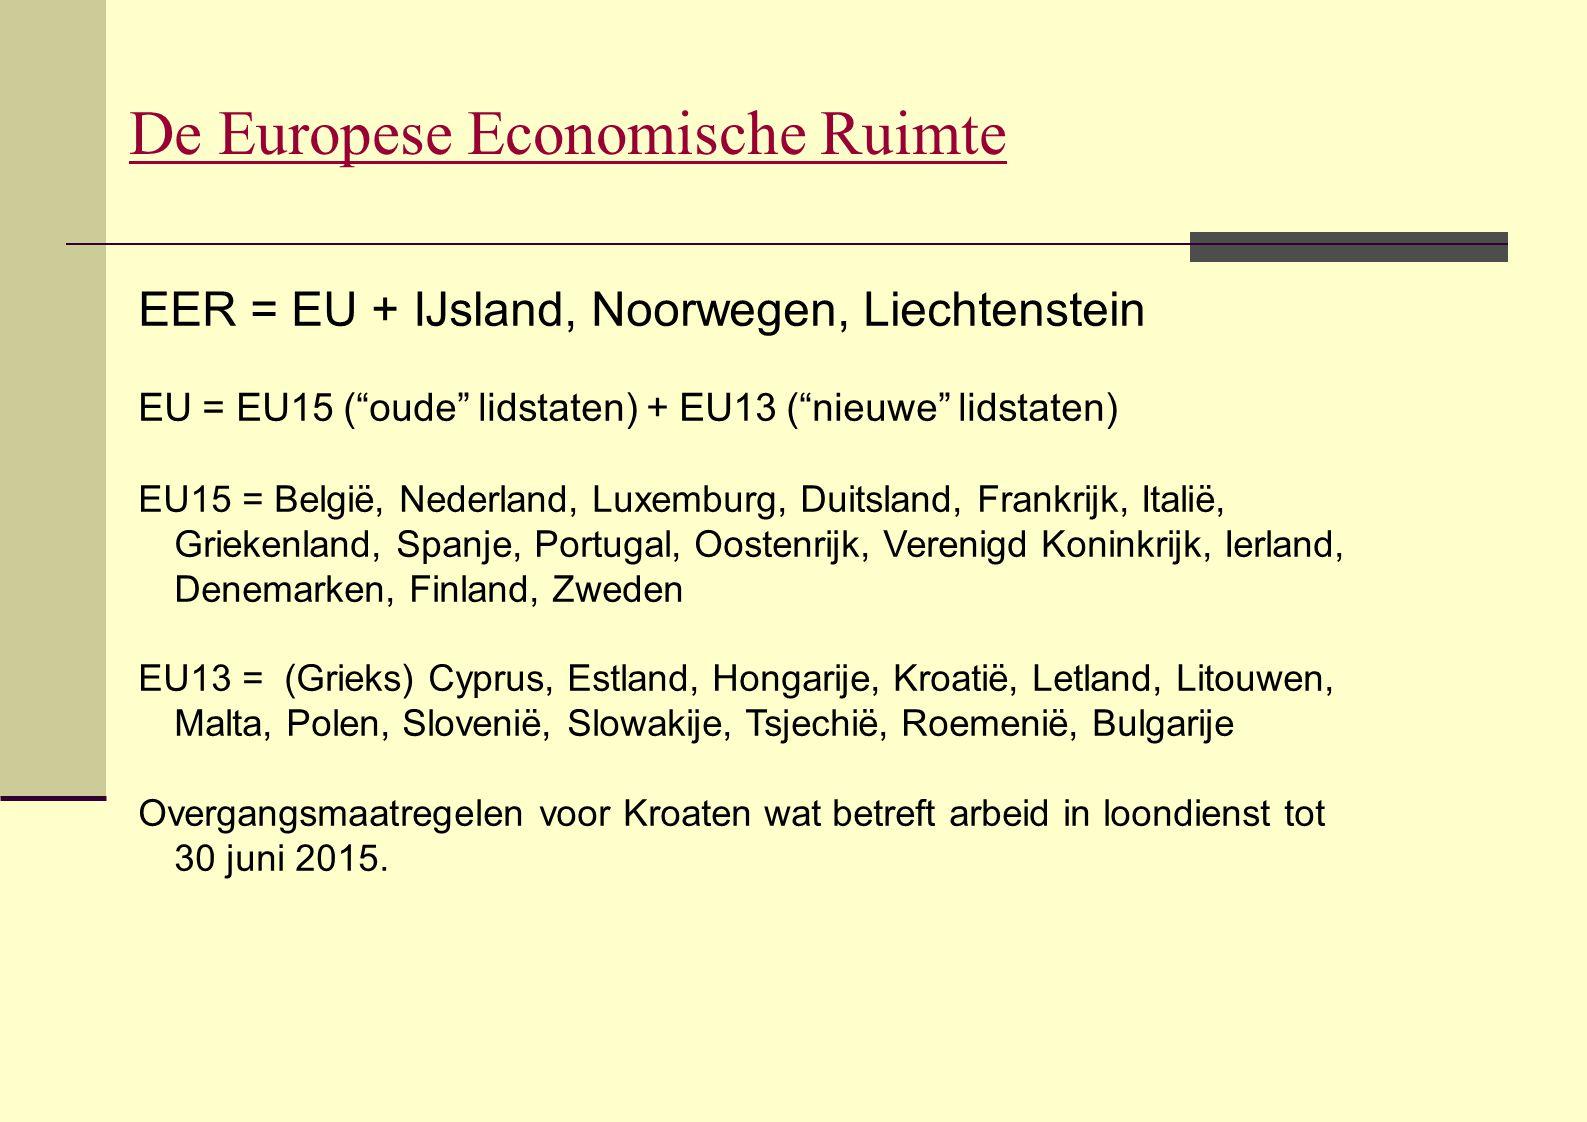 De Europese Economische Ruimte